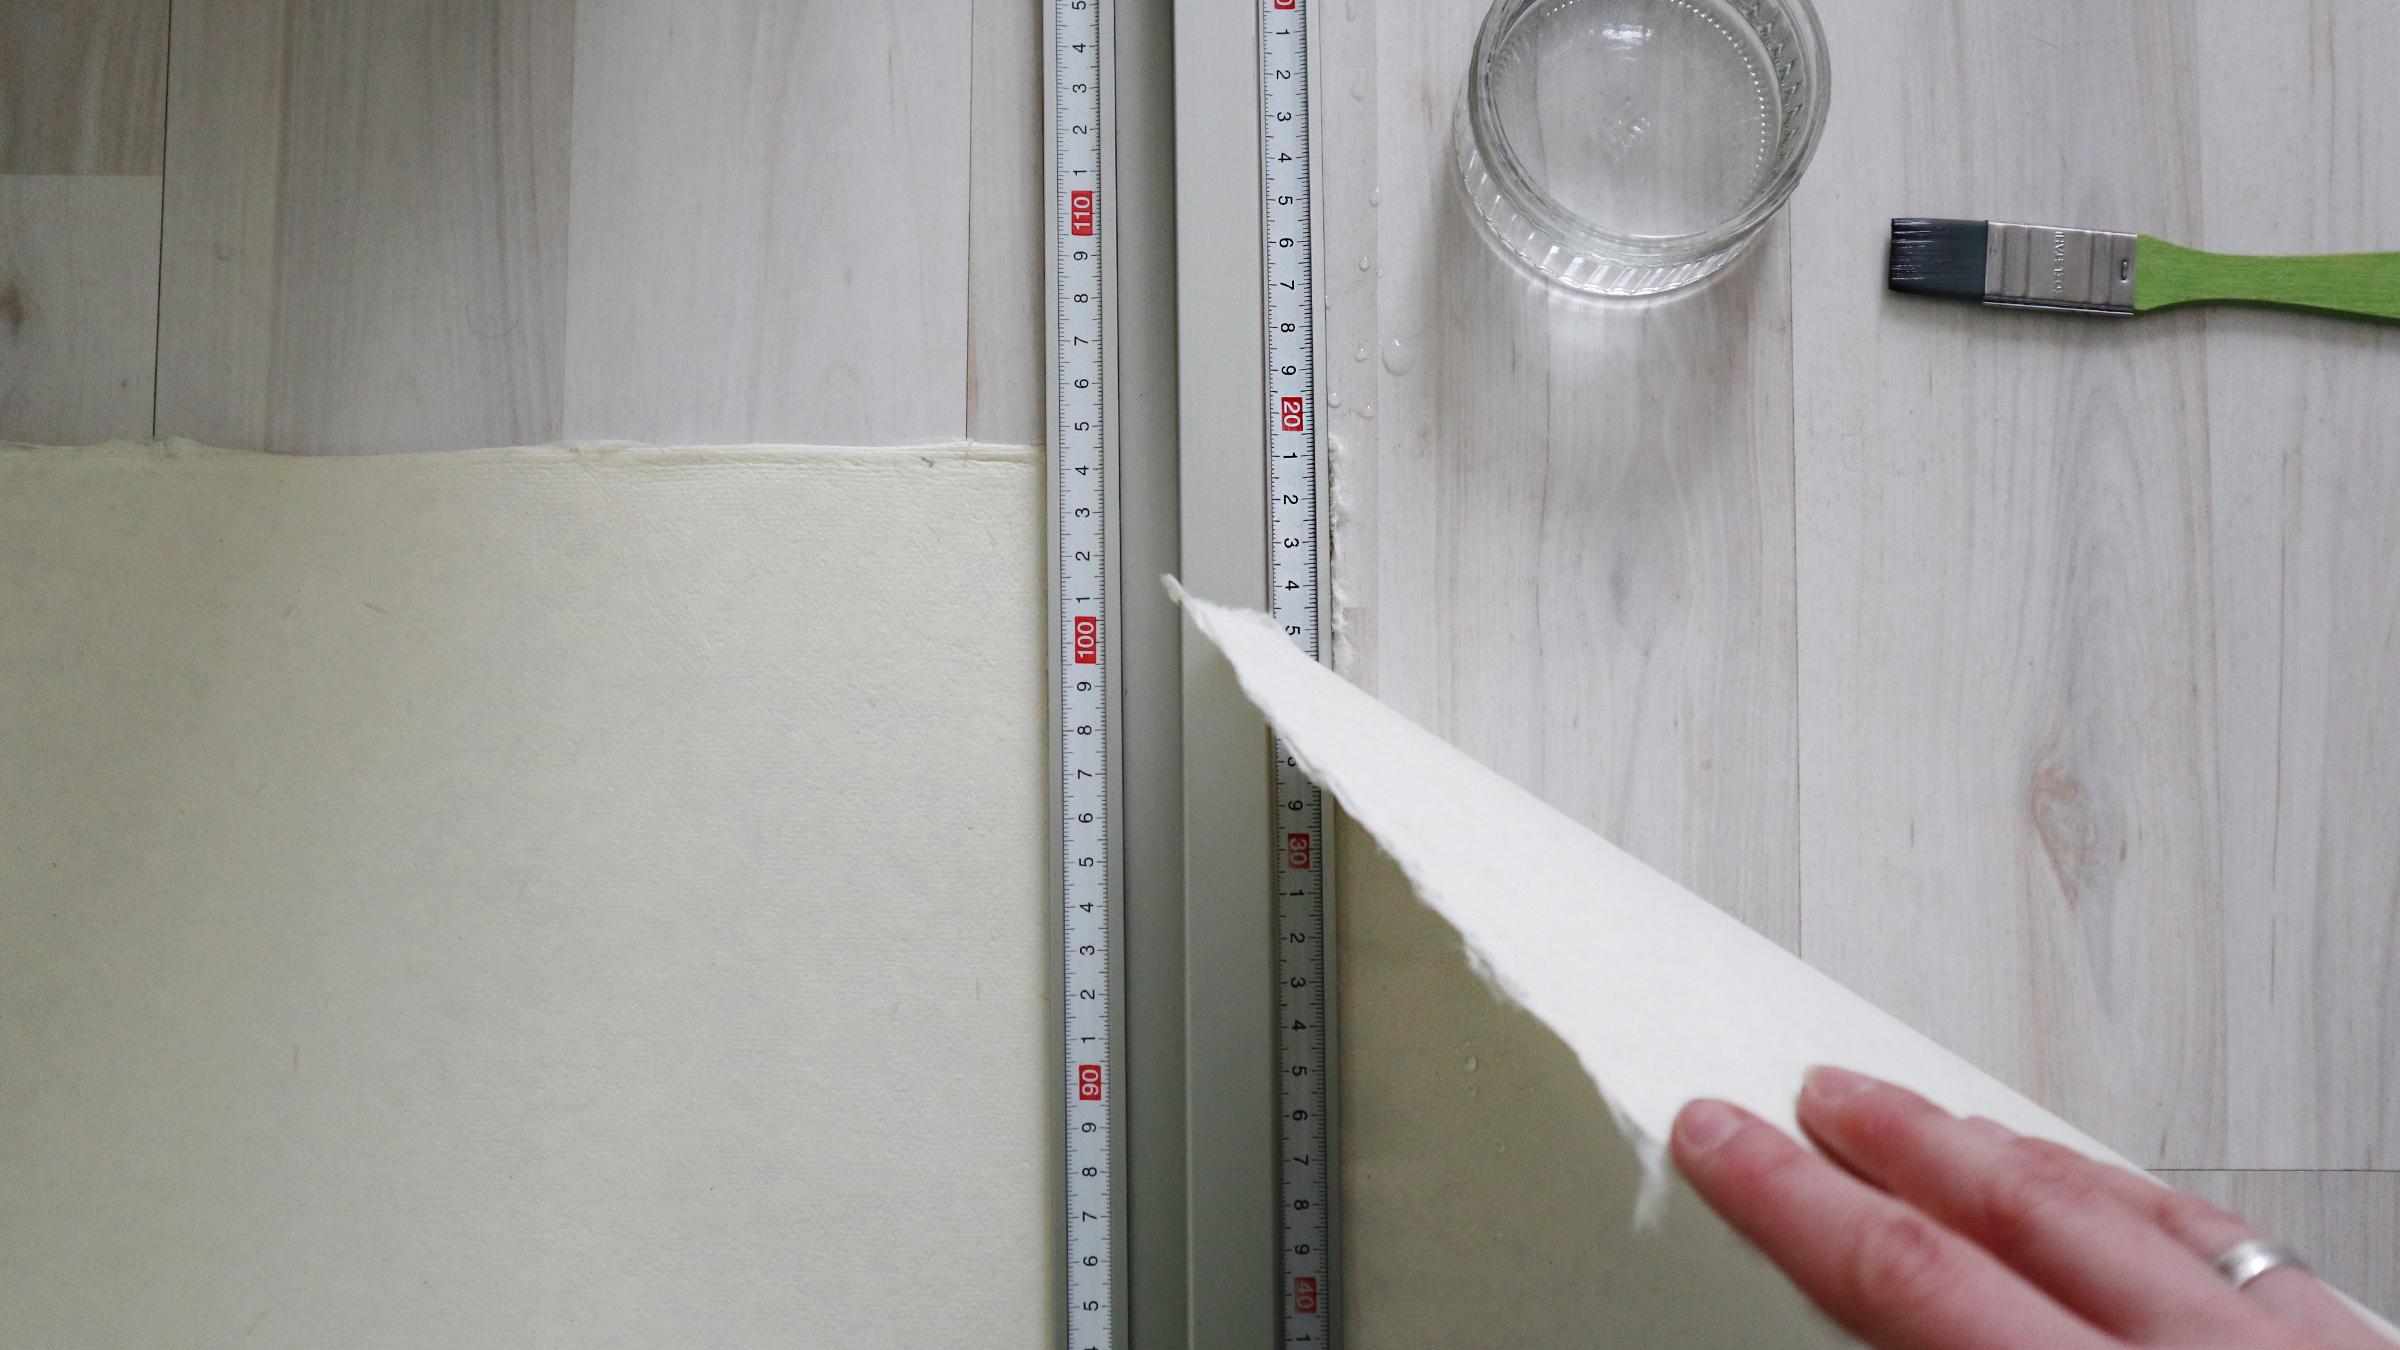 Metall-Lineal anlegen, gut festhalten und langsam und bedächtig am Papier ziehen so dass die Kante ausfasernd aufreisst.